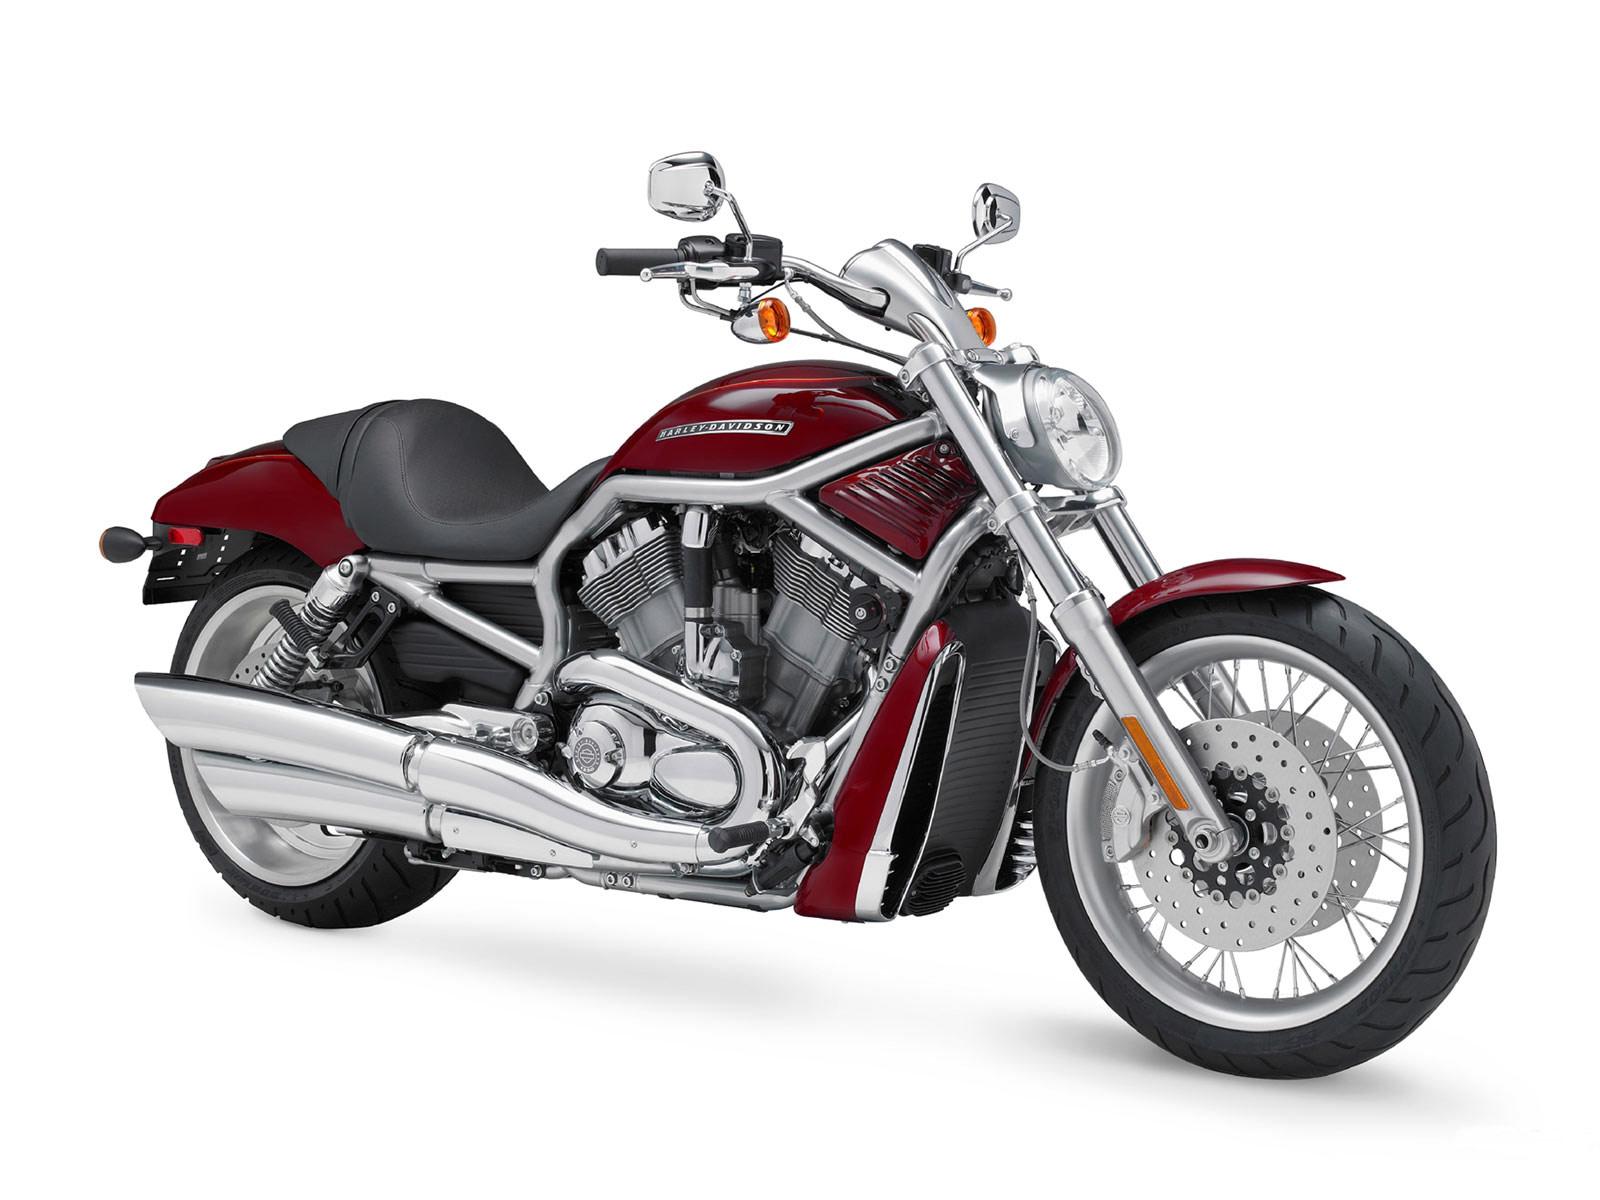 Harley Davidson Pictures 2009 Vrscaw V Rod Specifications